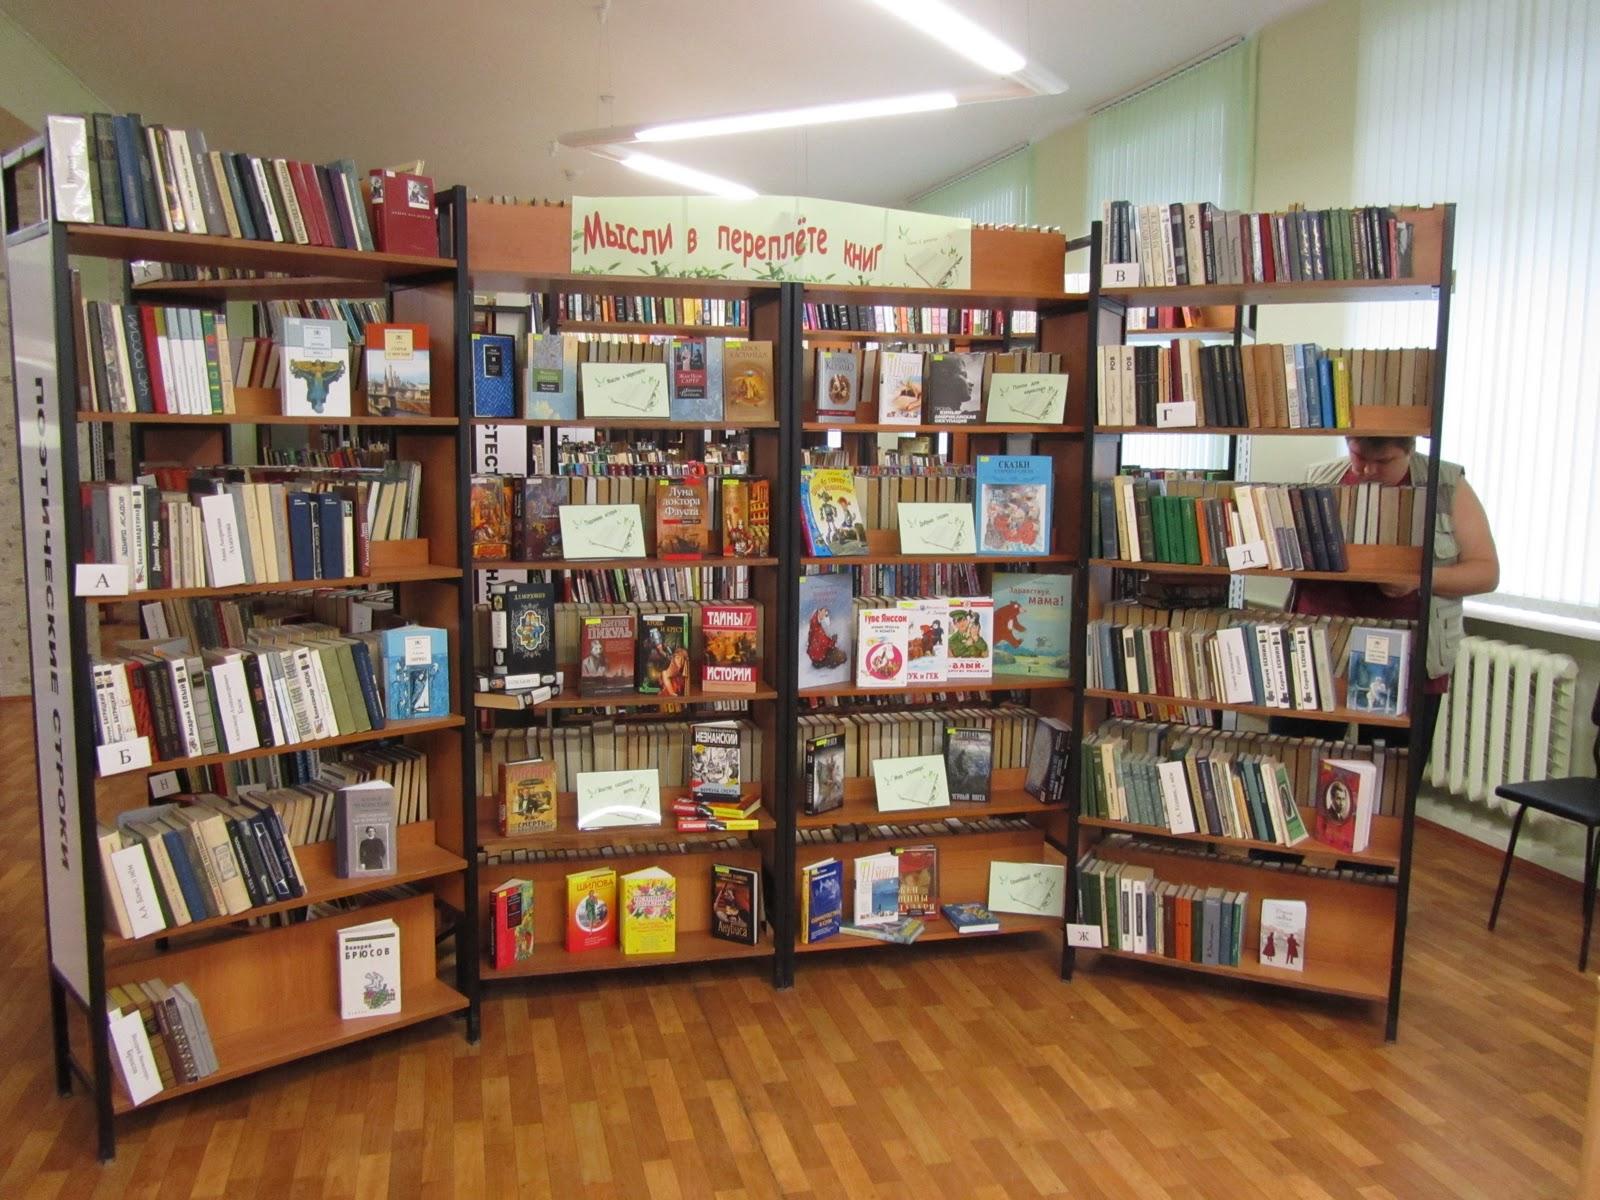 Расстановка стеллажей в библиотеке фото